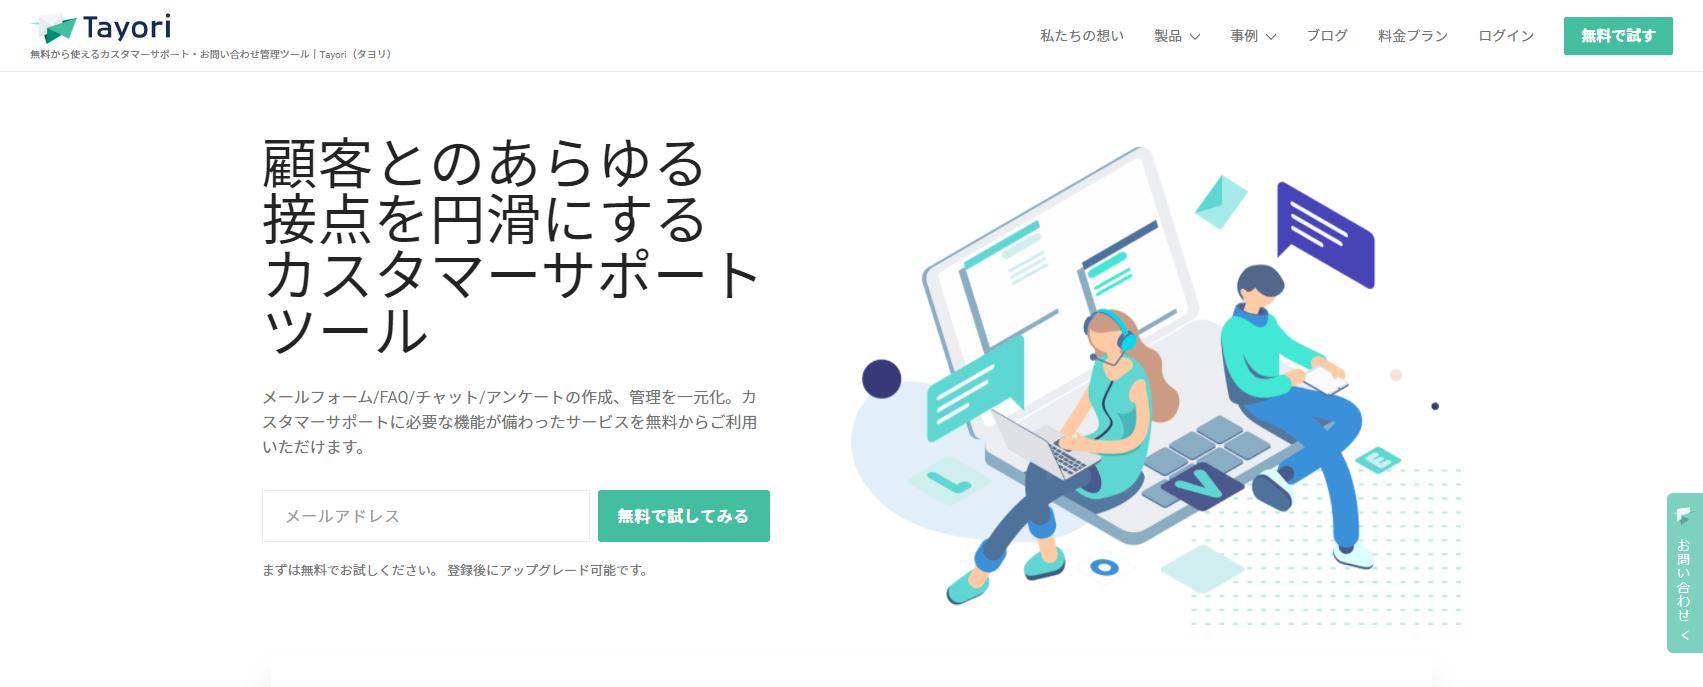 社内FAQで使えるツール_Tayori